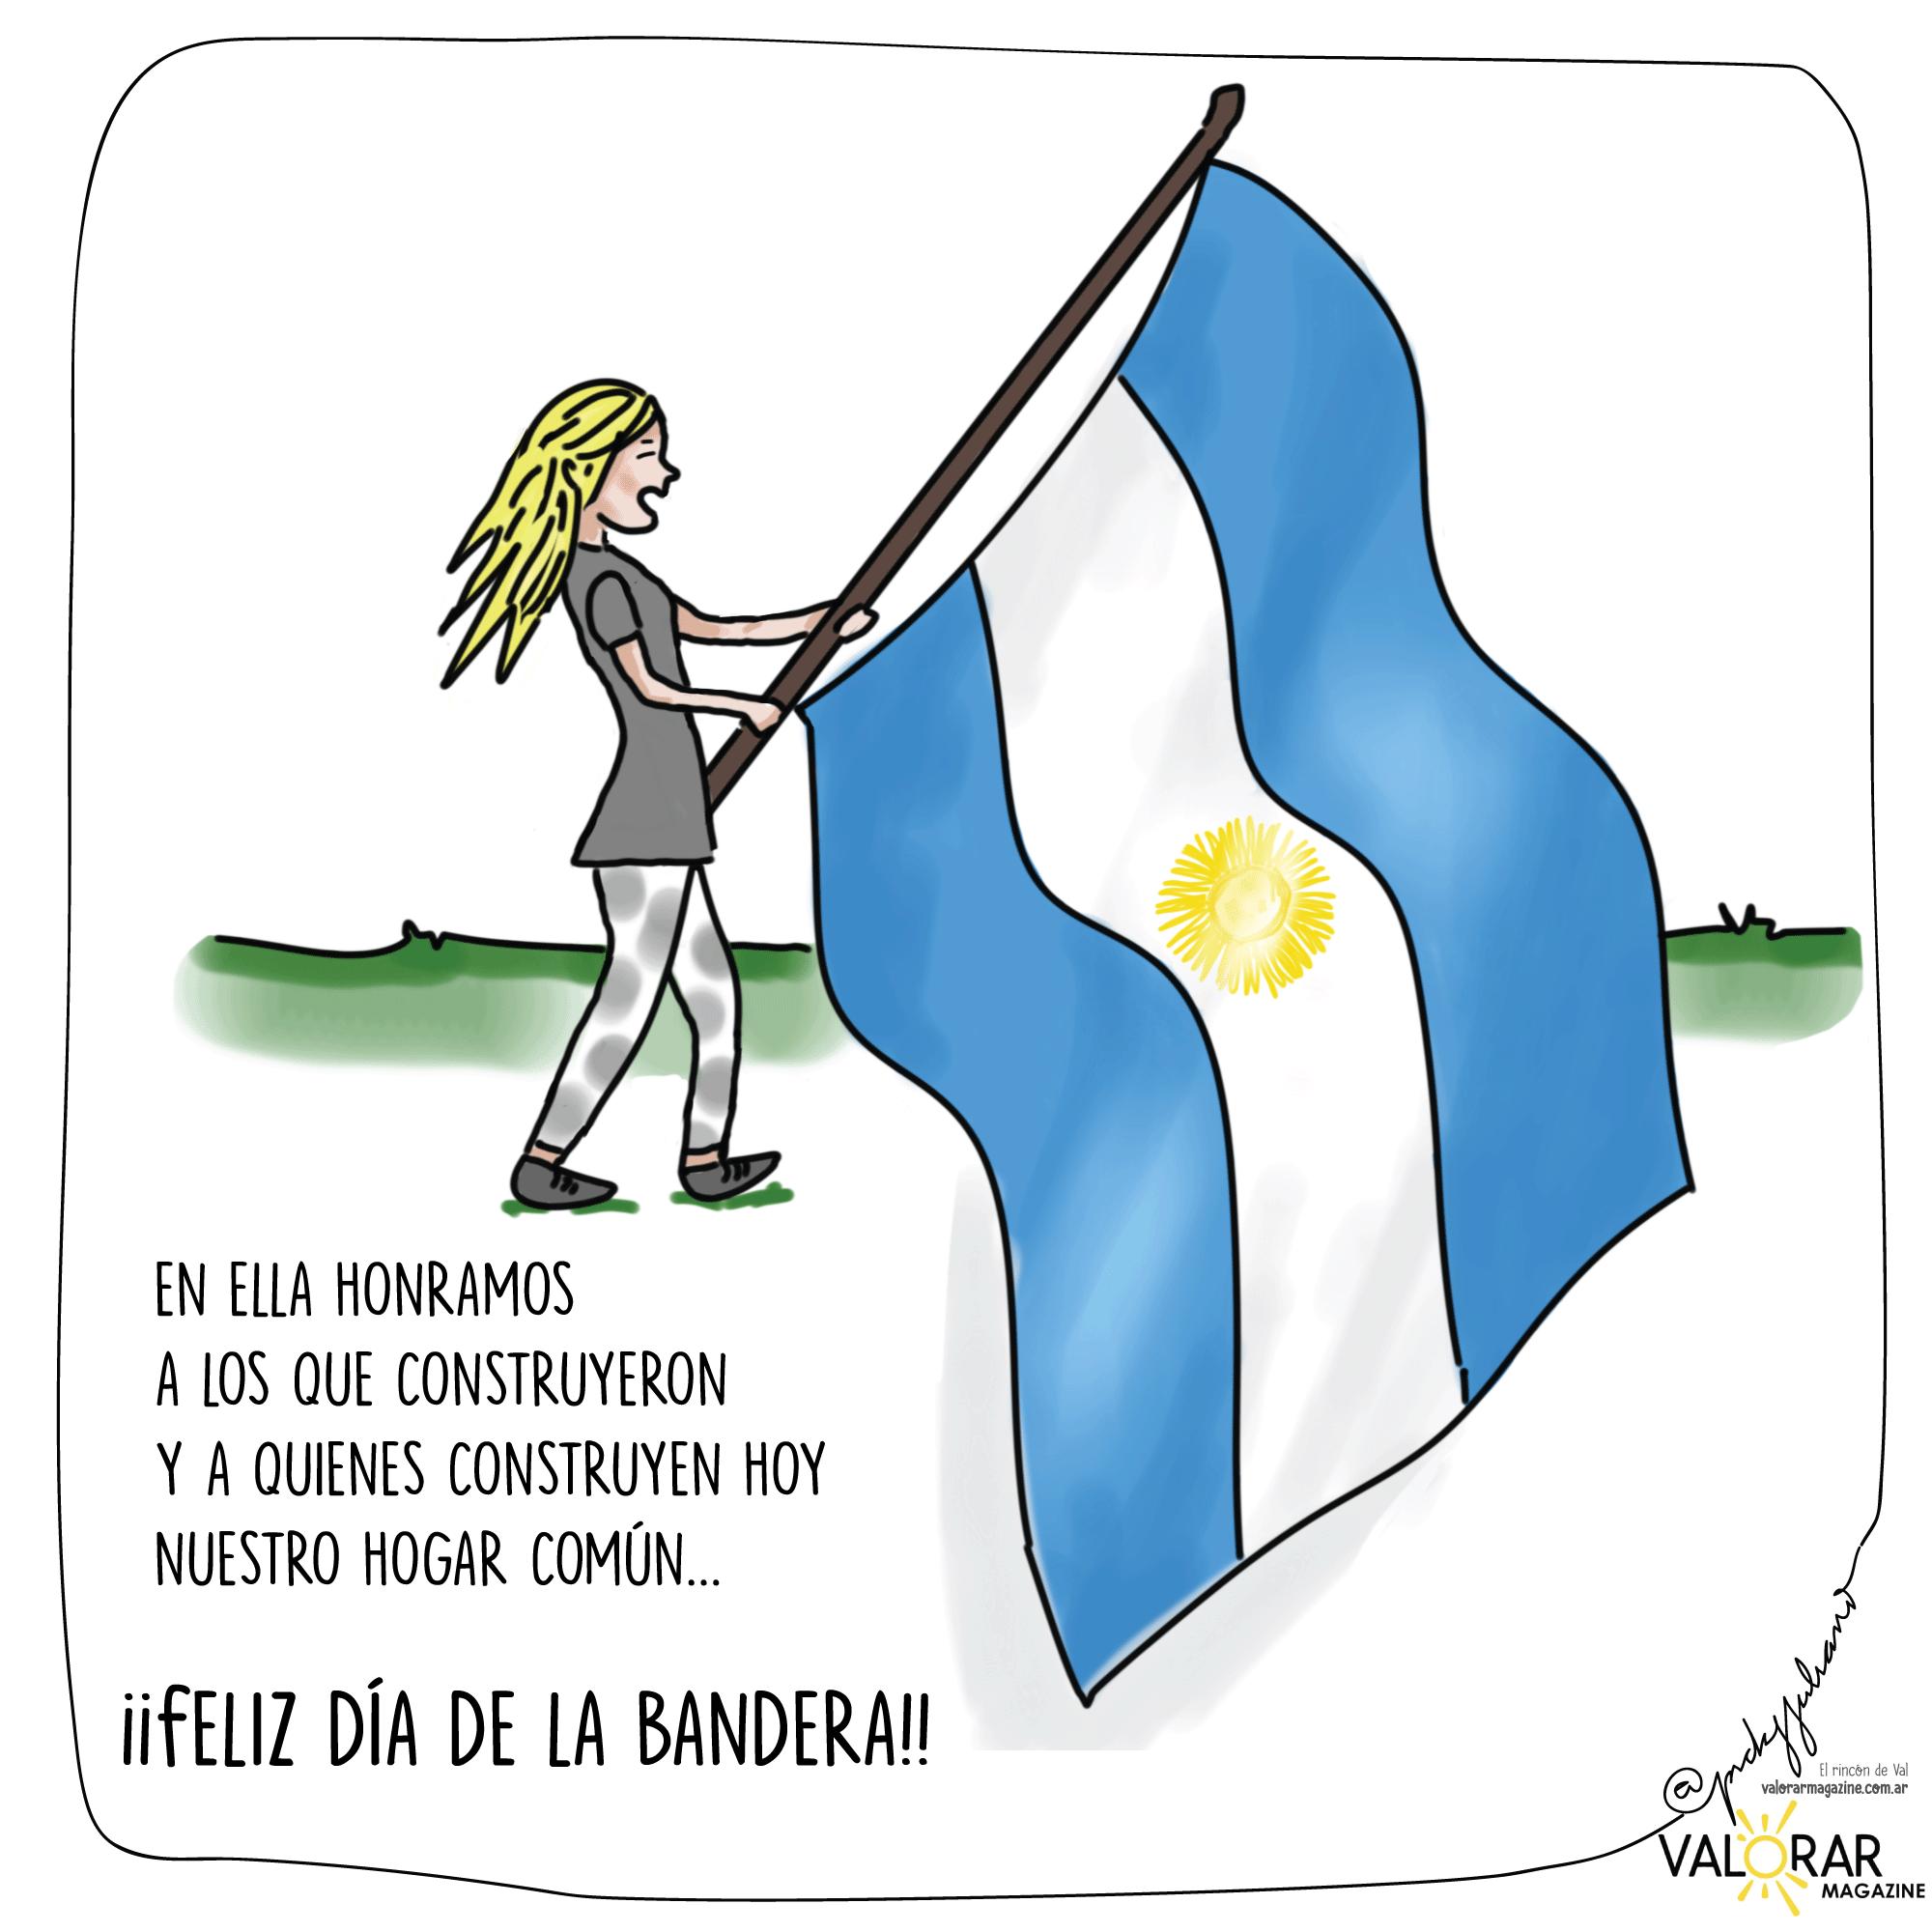 Val y la Bandera